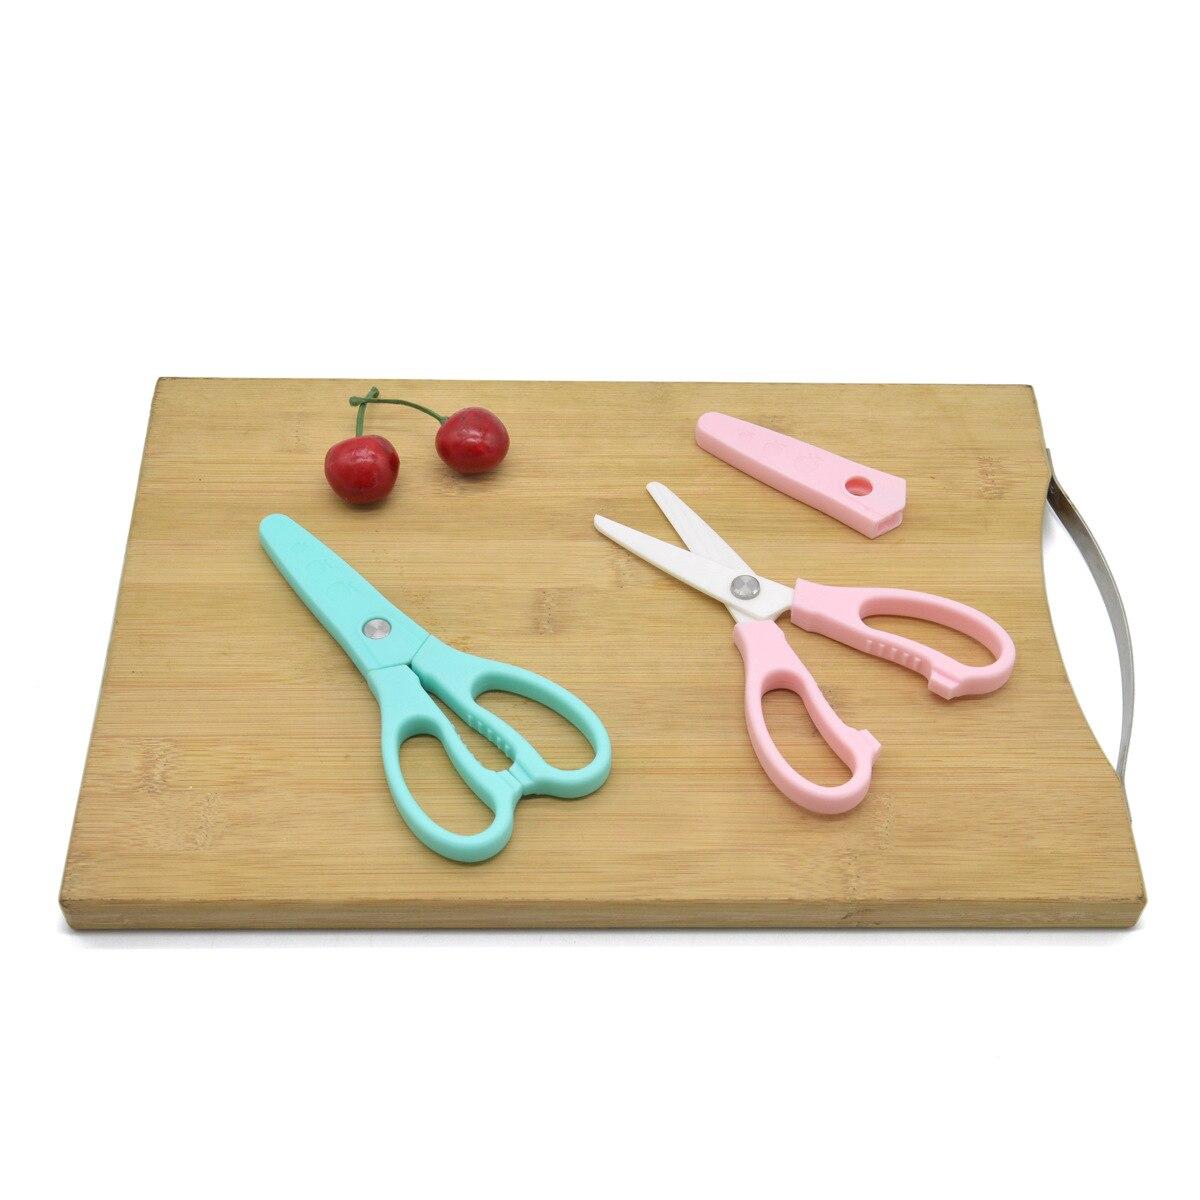 Hot Sales Ceramic Shear Zirconia Ceramic Scissors With Sleeve Xue Sheng Jian Er Tong Jian Infant Feeding Aid Scissors